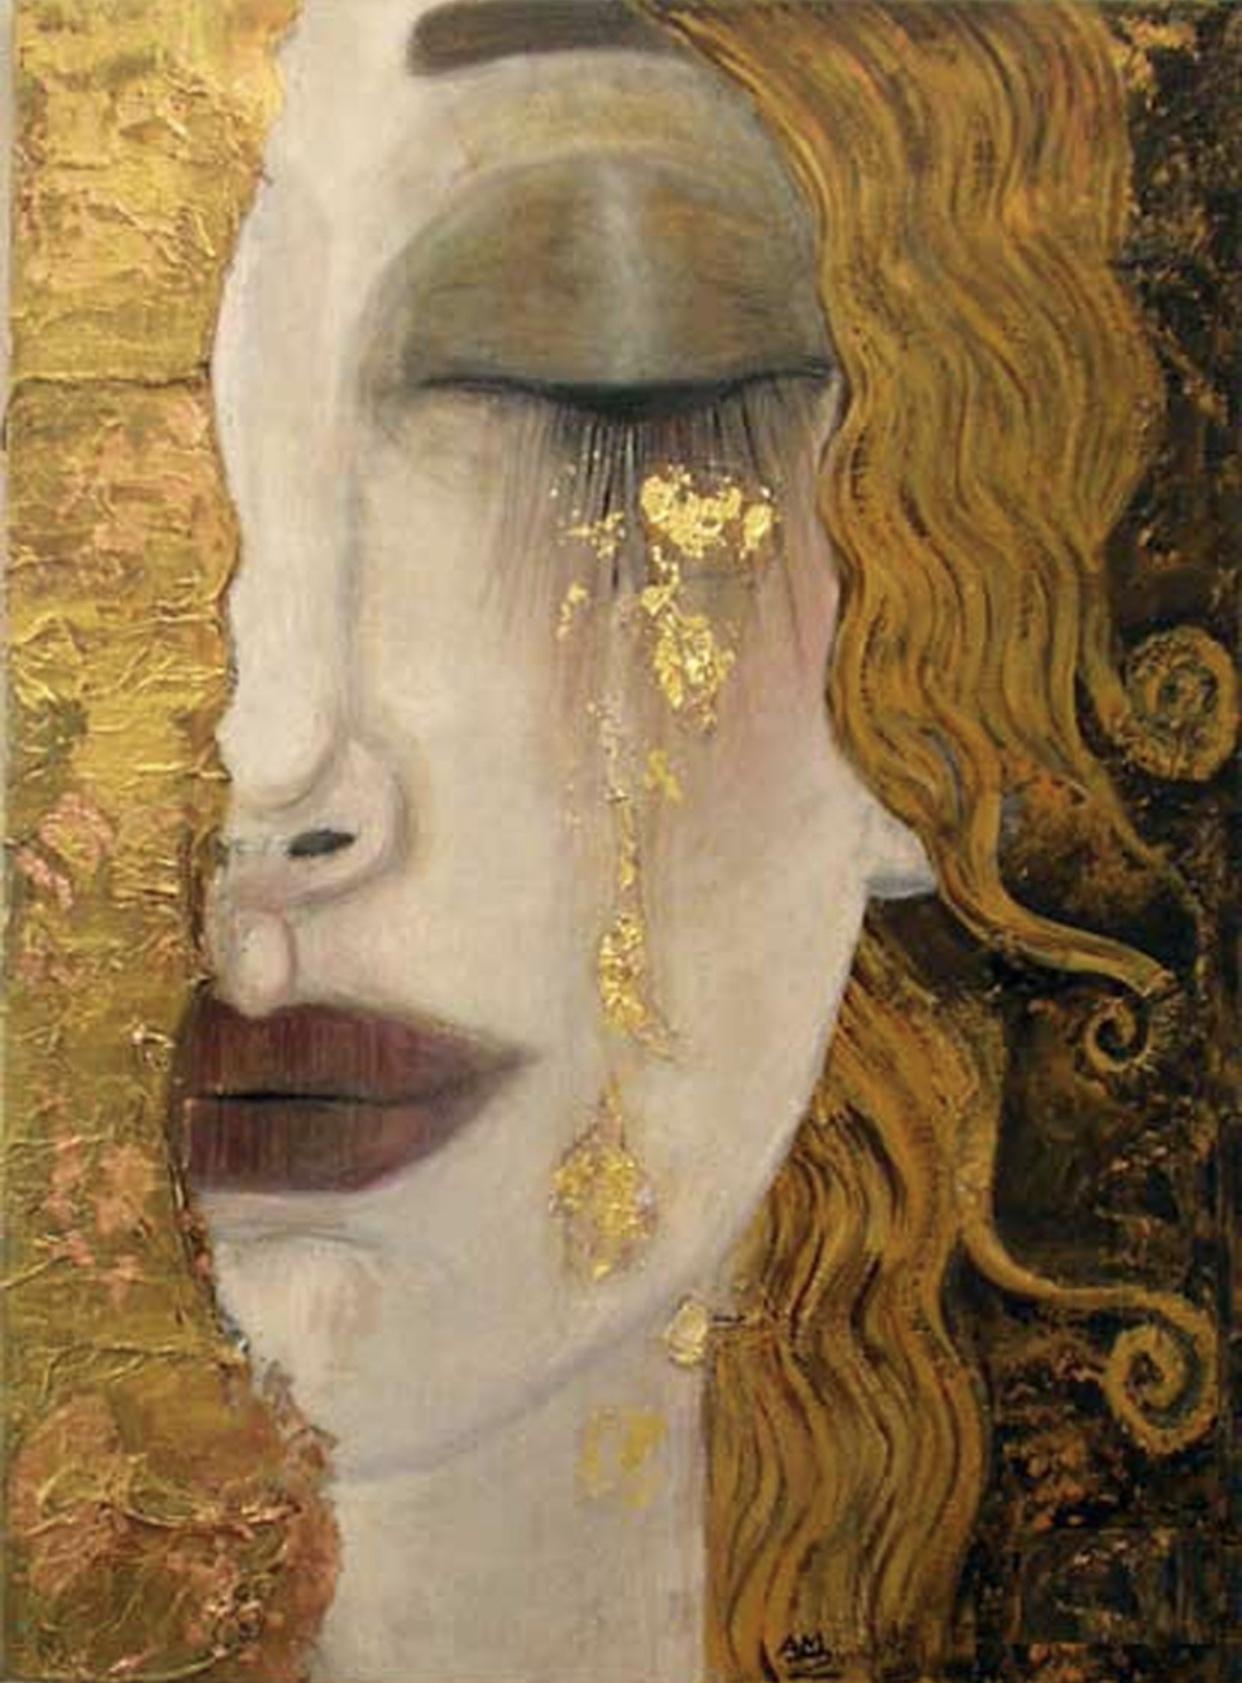 златни сълзи